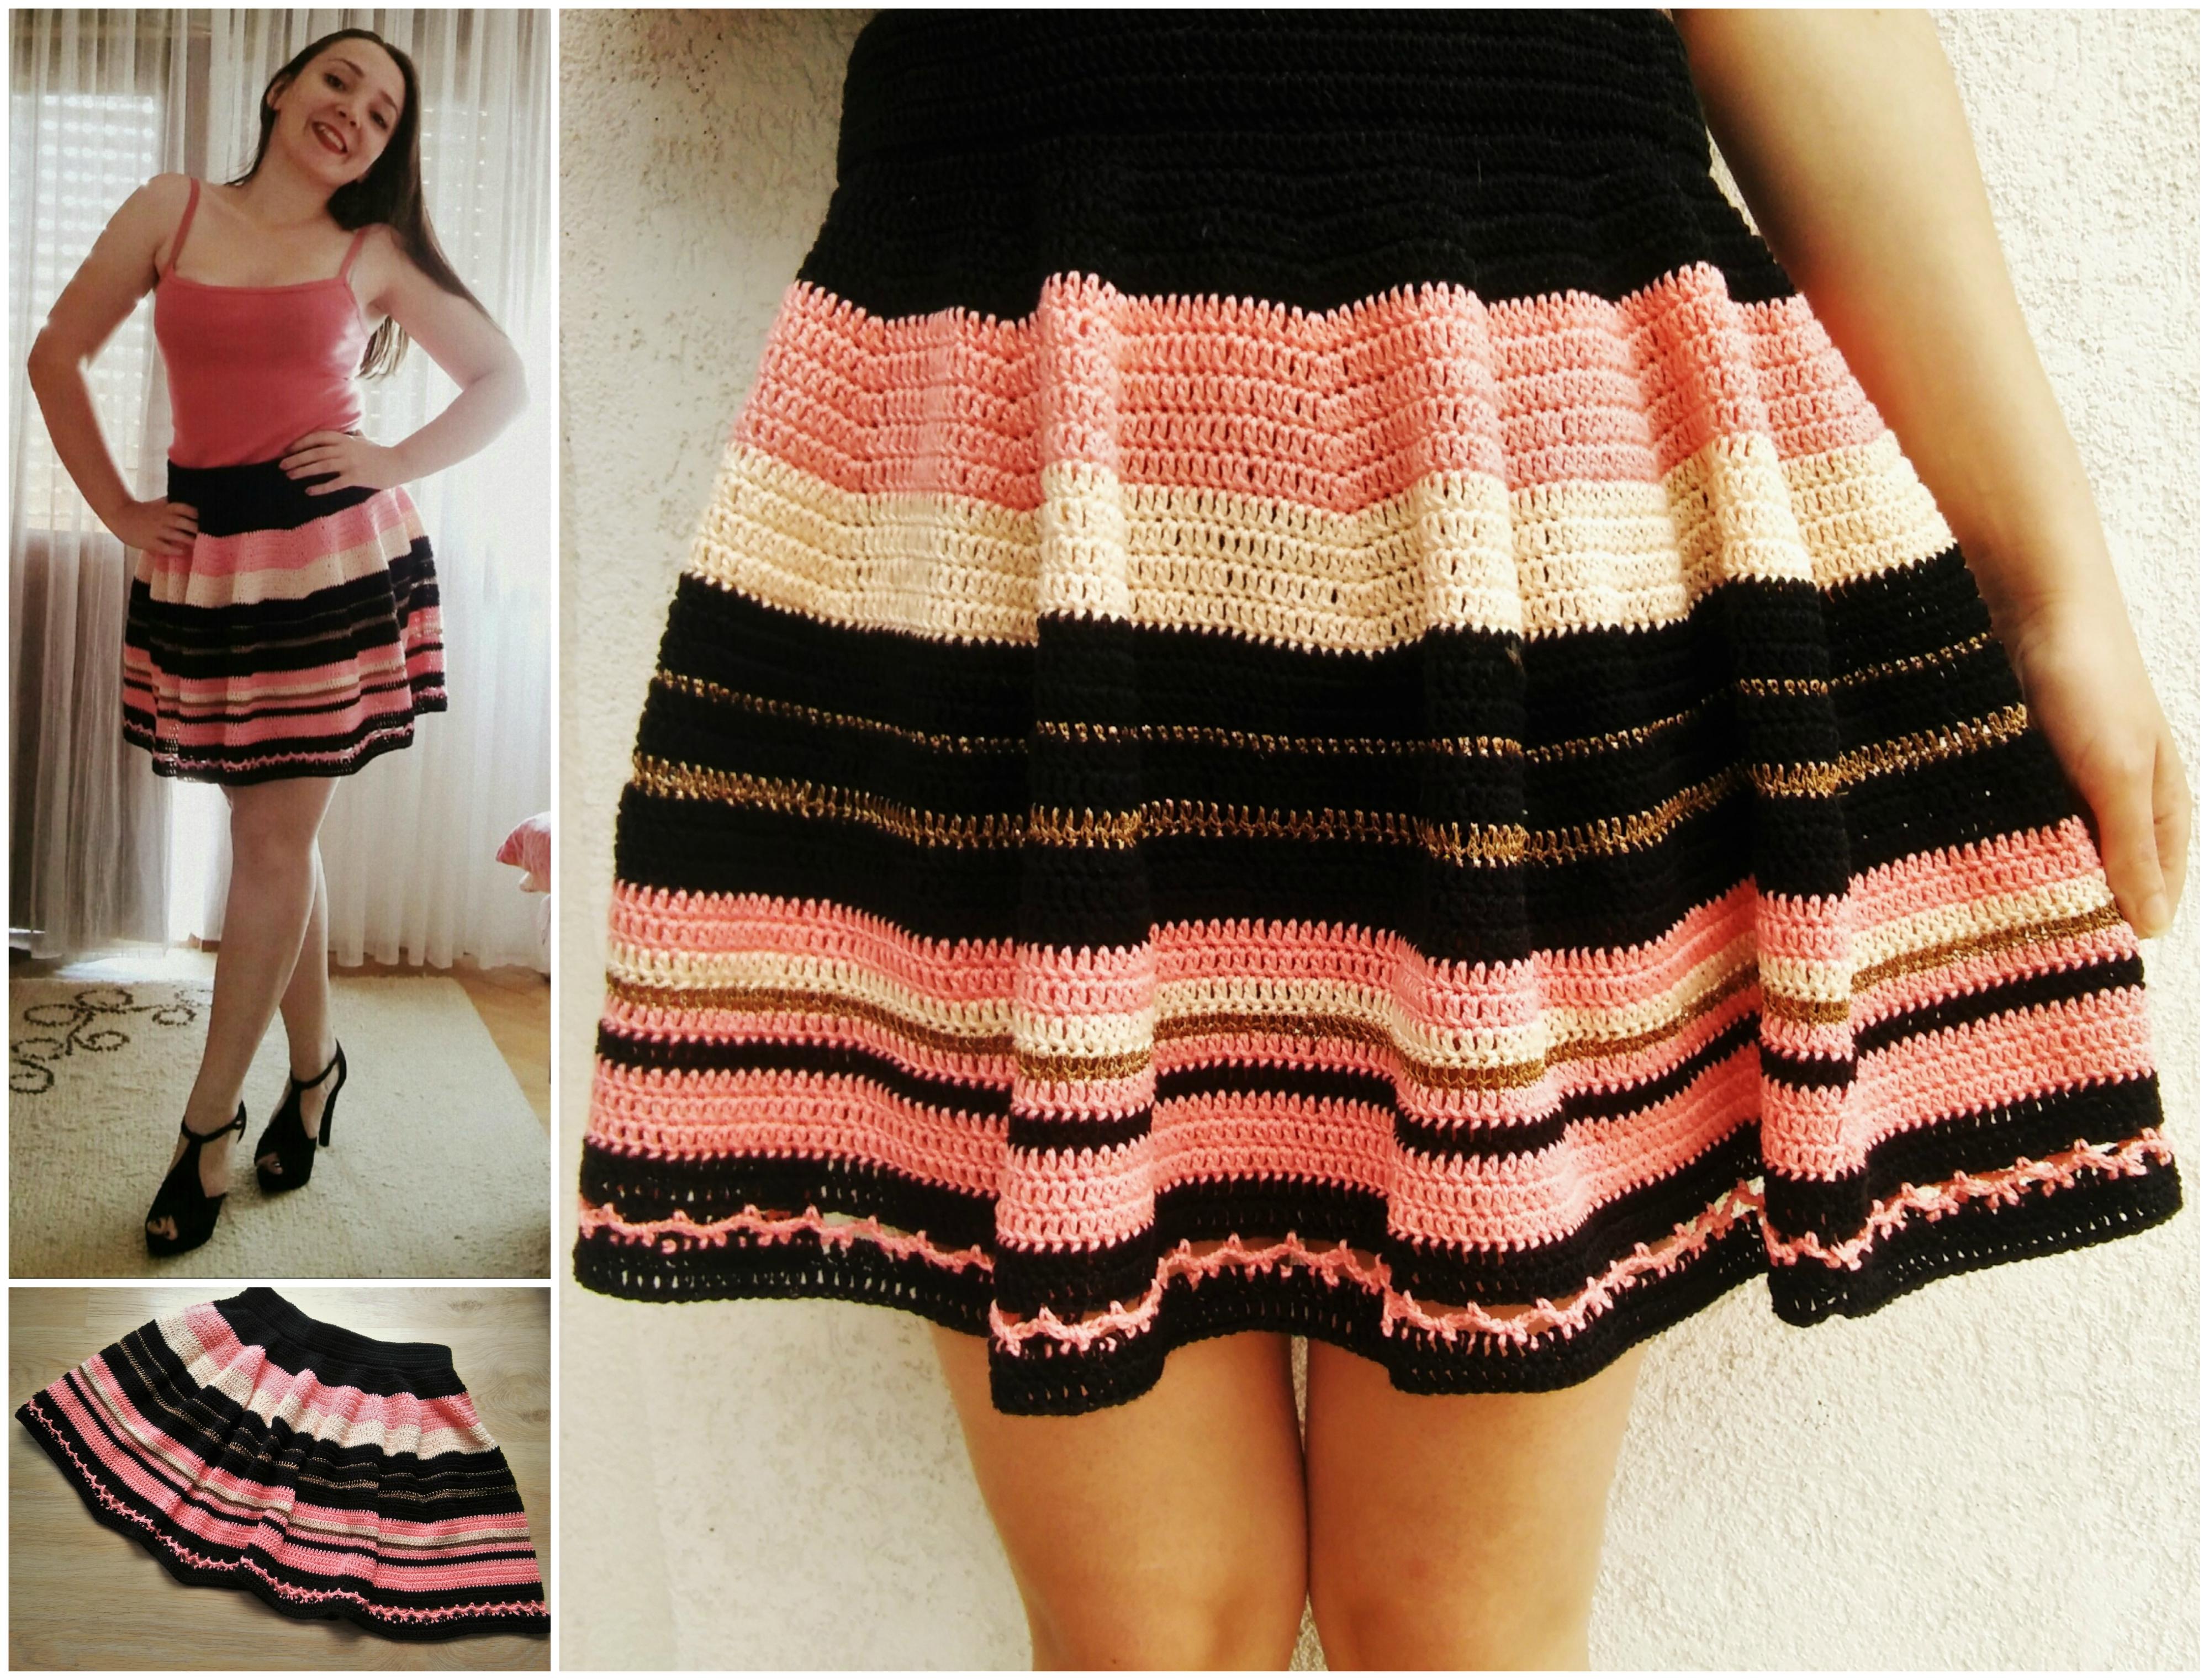 Crochet Skater Skirt 183 The Magic Loop